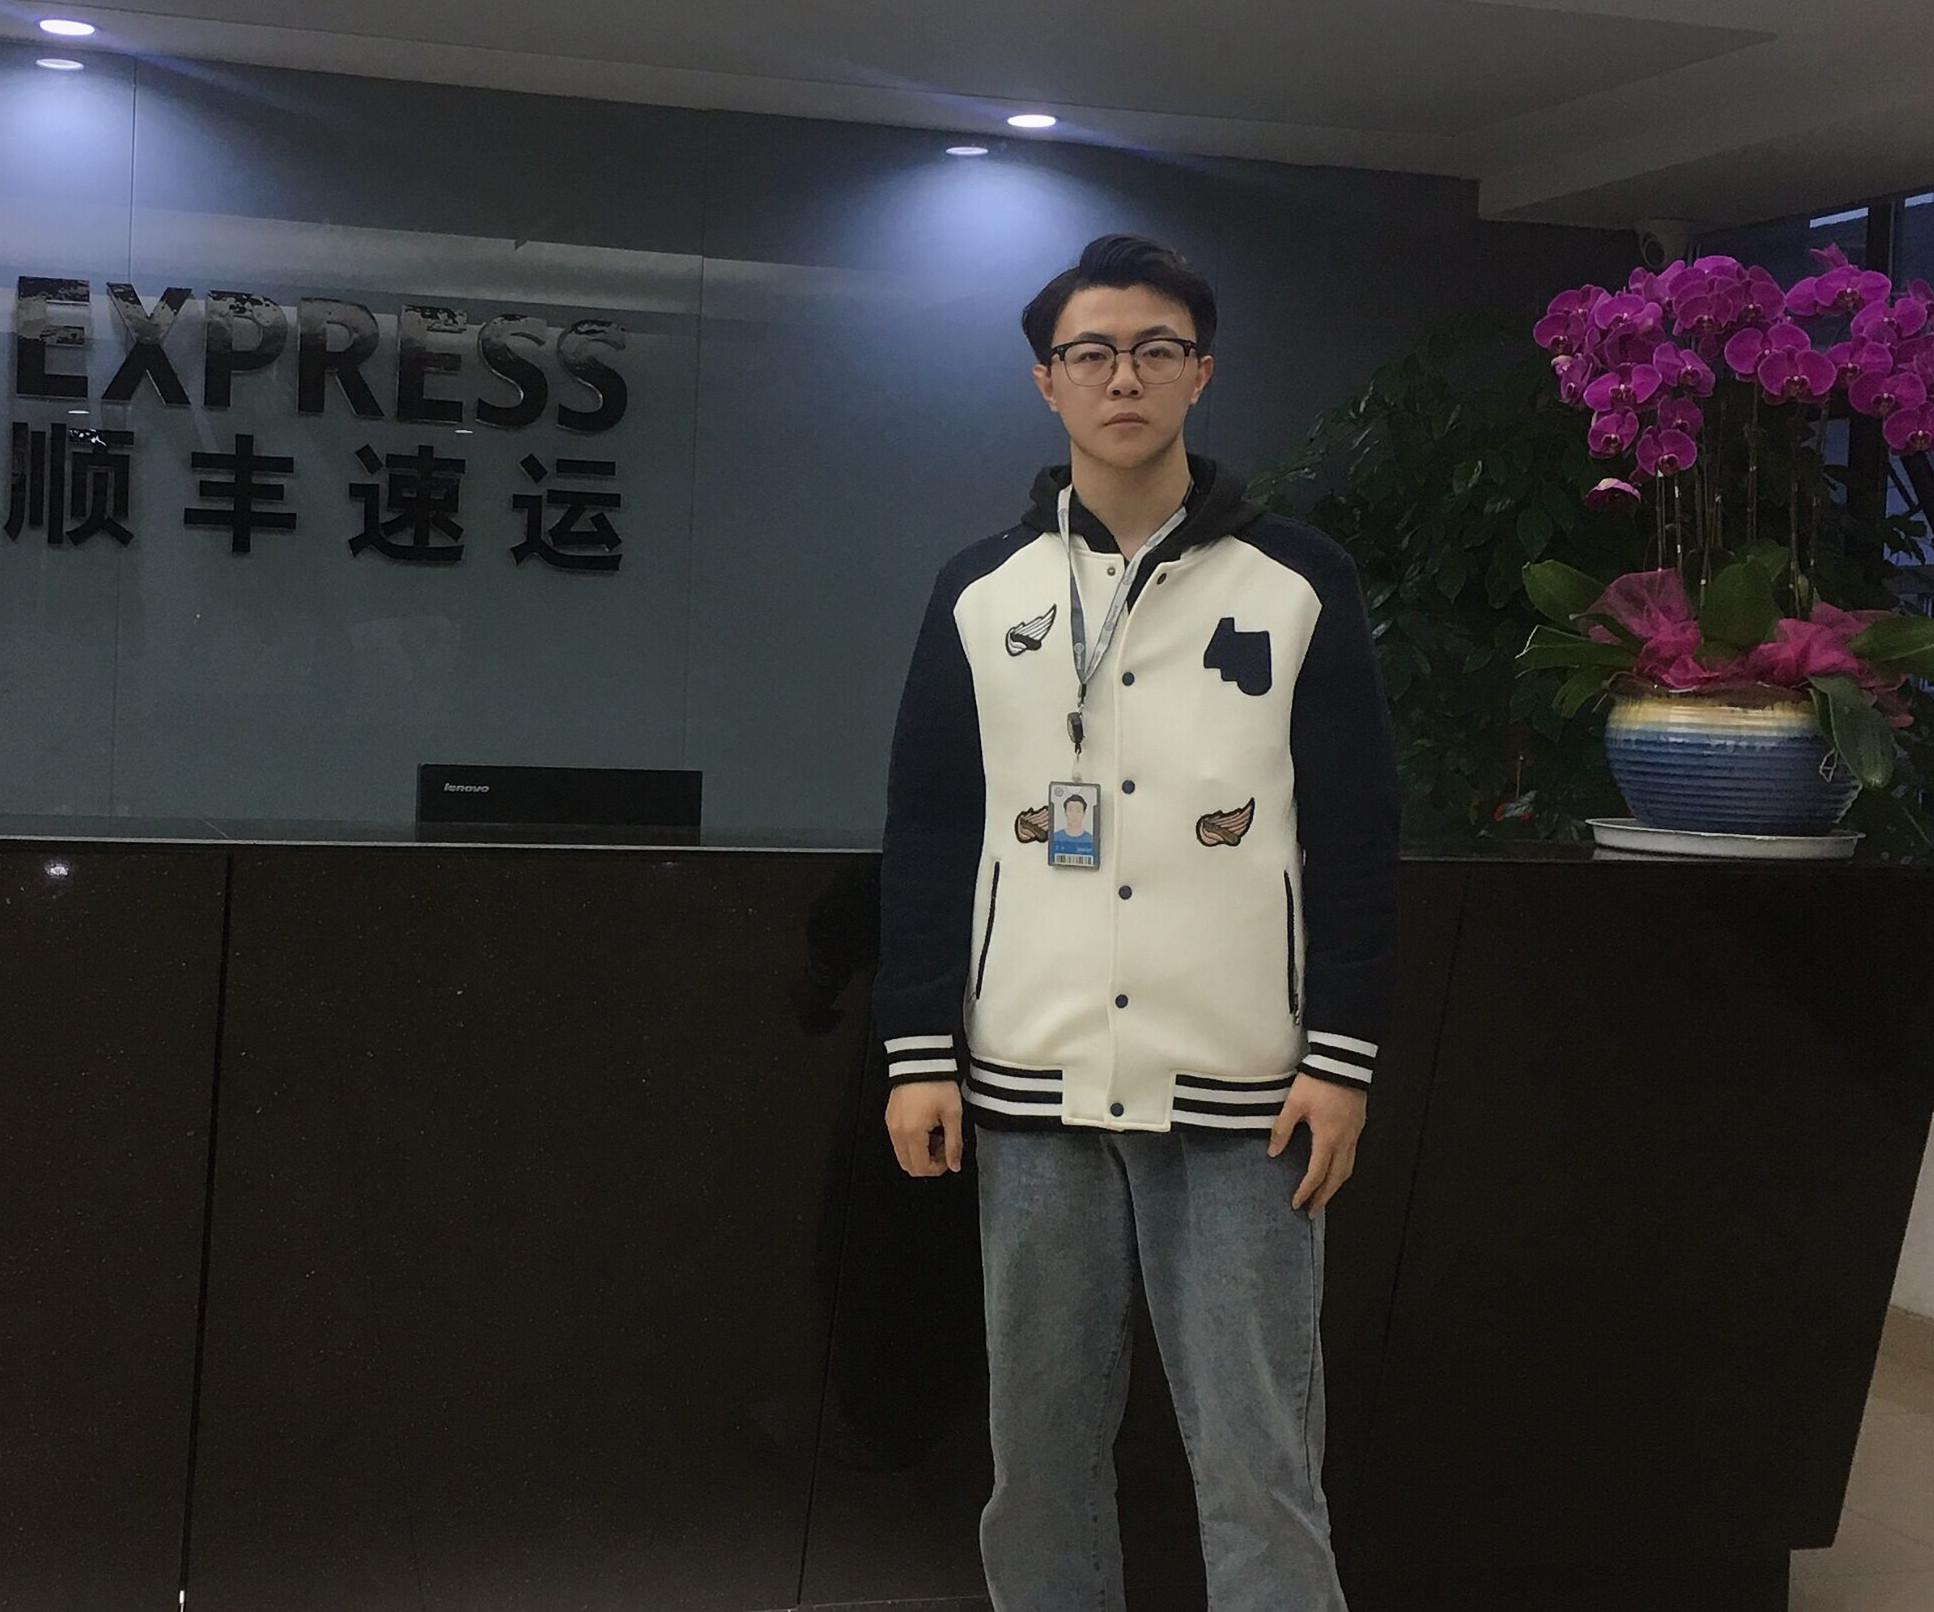 王宁 16级财务管理专业 杭州顺丰速运有限公司物资管理部助理.jpg